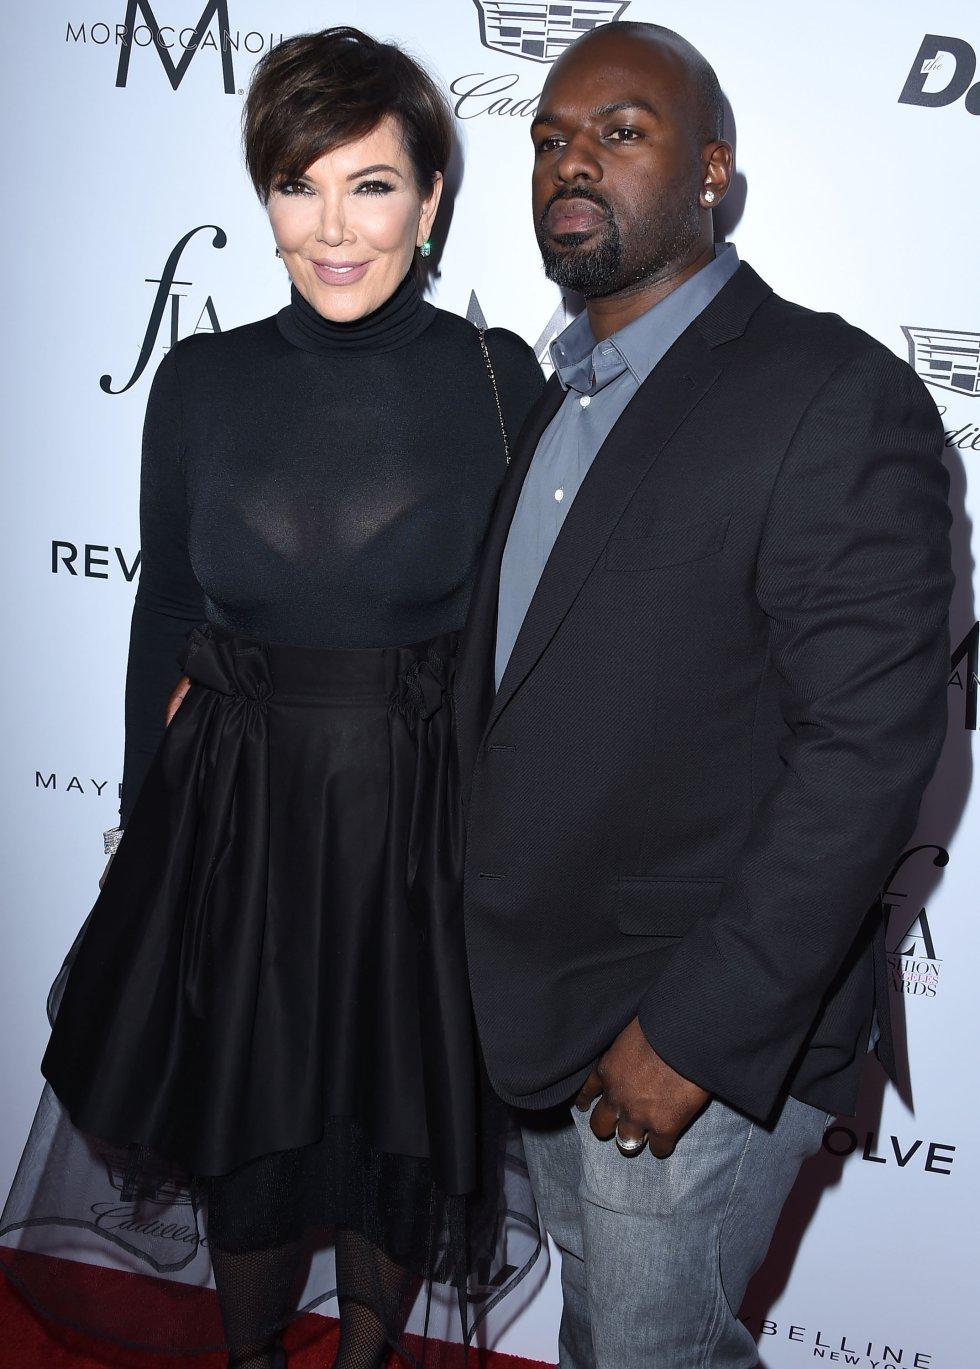 Especialmente tras los turbios acontecimientos que han marcado recientemente el día a día de los Kardashian, como el atraco del que fue víctima Kim en su apartamento de París el pasado mes de octubre o los problemas de la joven Kendall con un acosador.